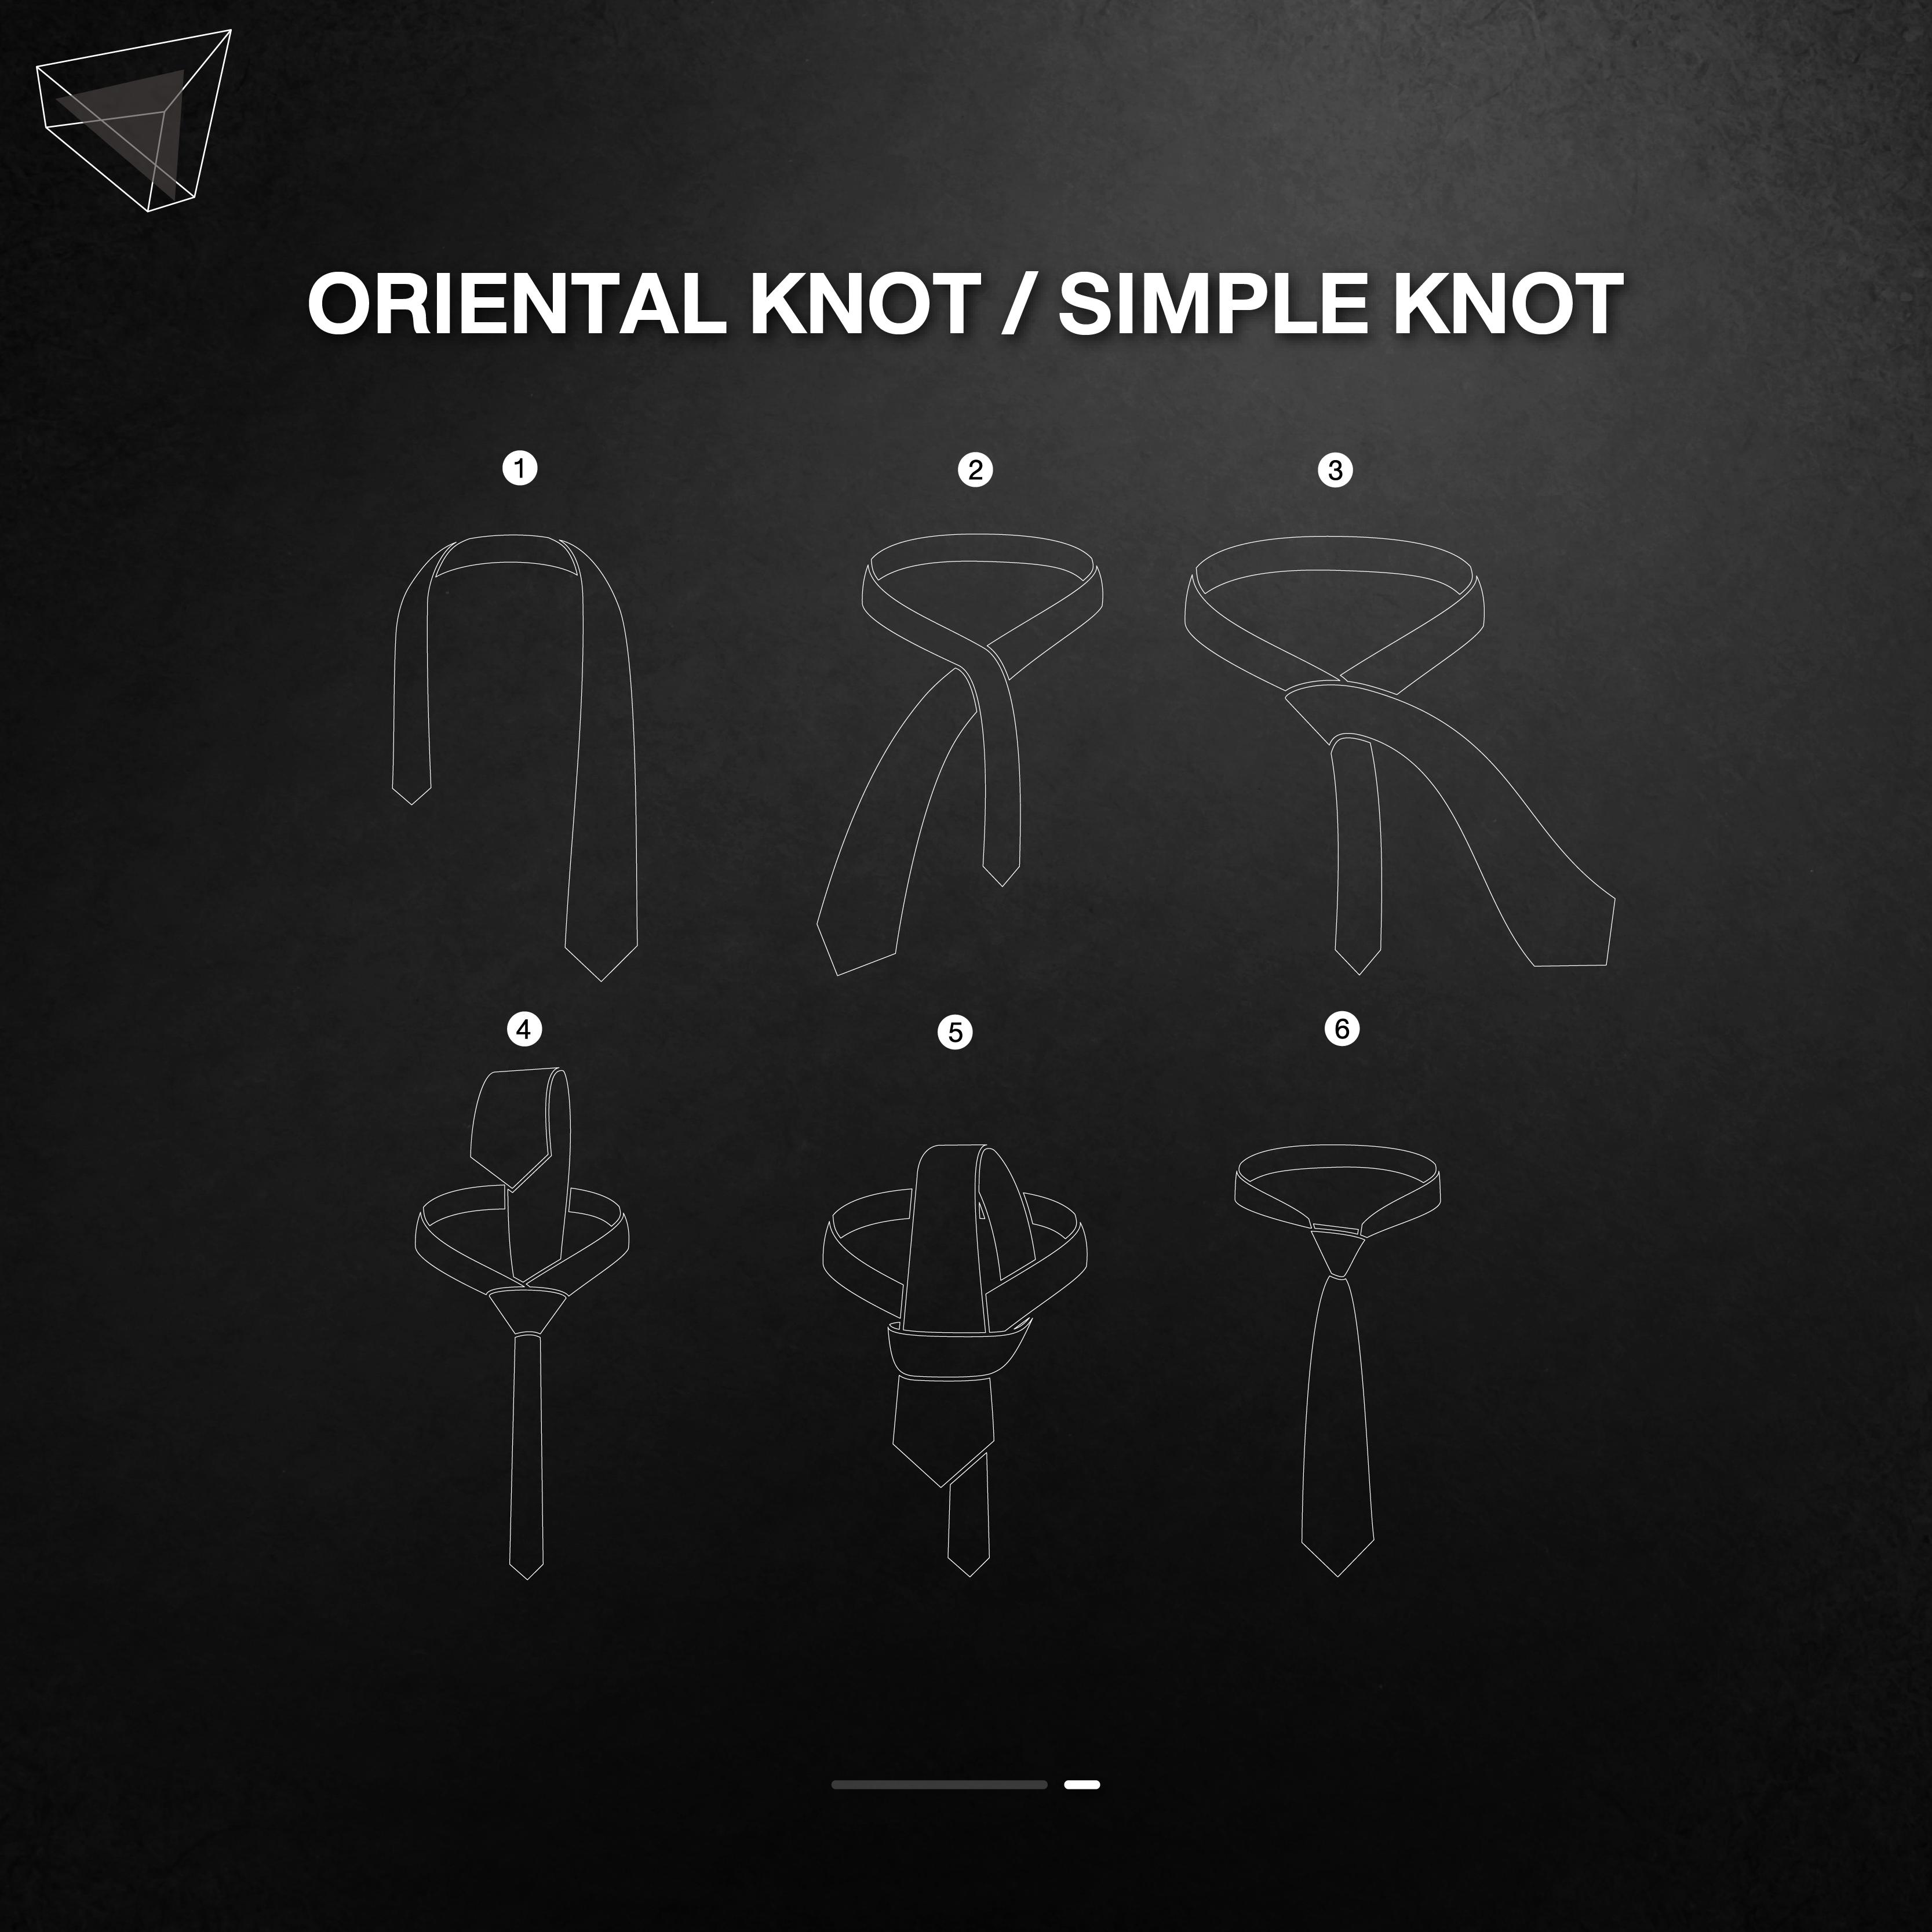 วิธีผูกเนคไทแบบ Oriental Knot / Simple Knot